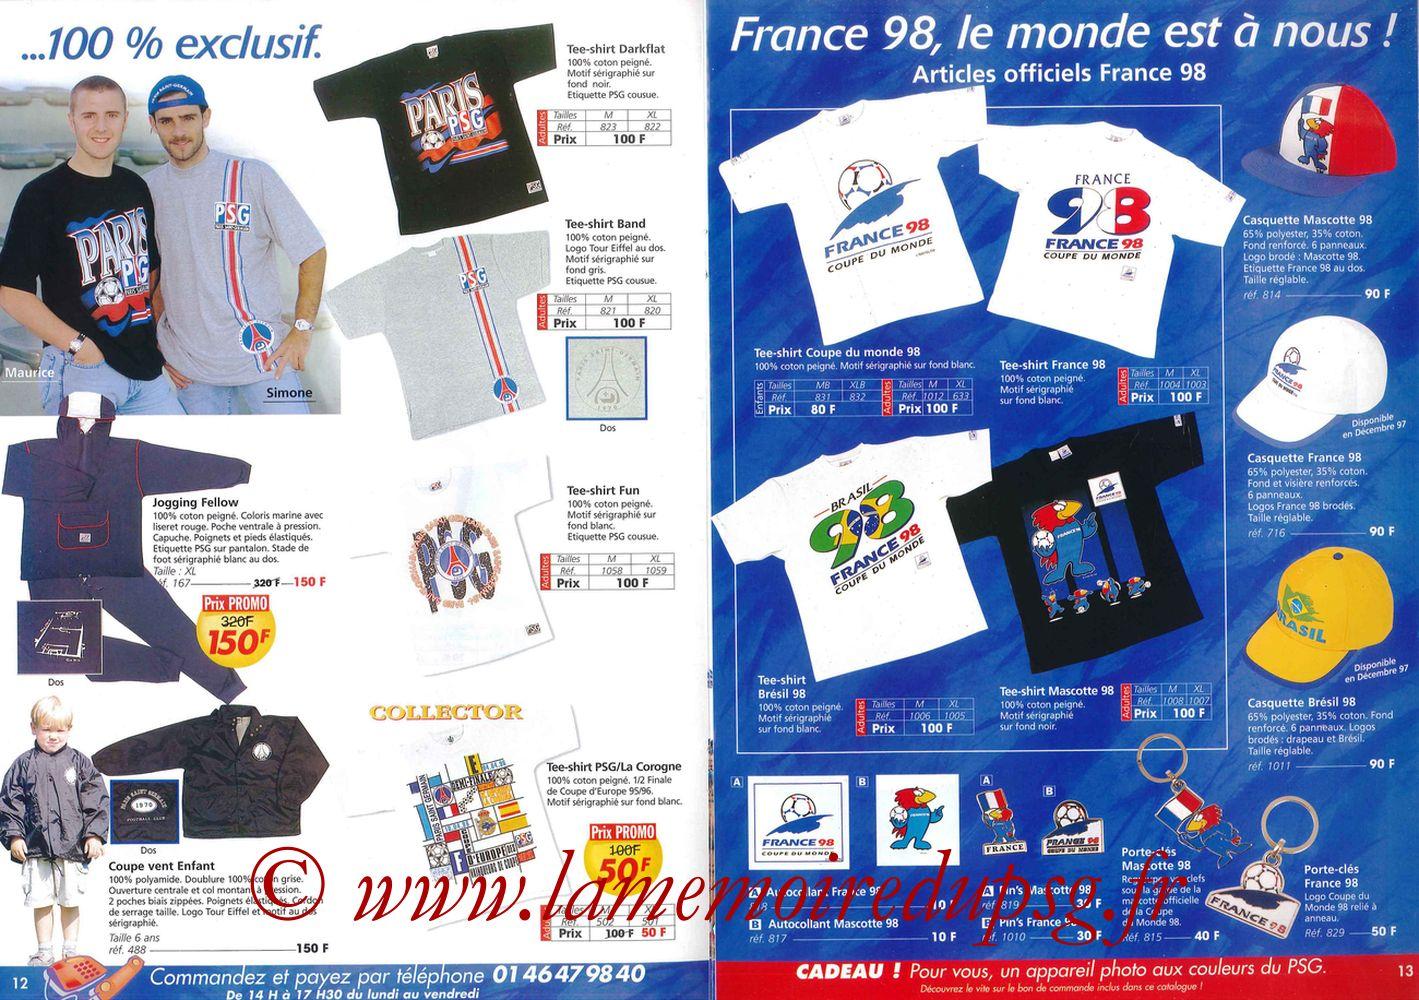 Catalogue PSG - 1997-98 - Pages 12 et 13